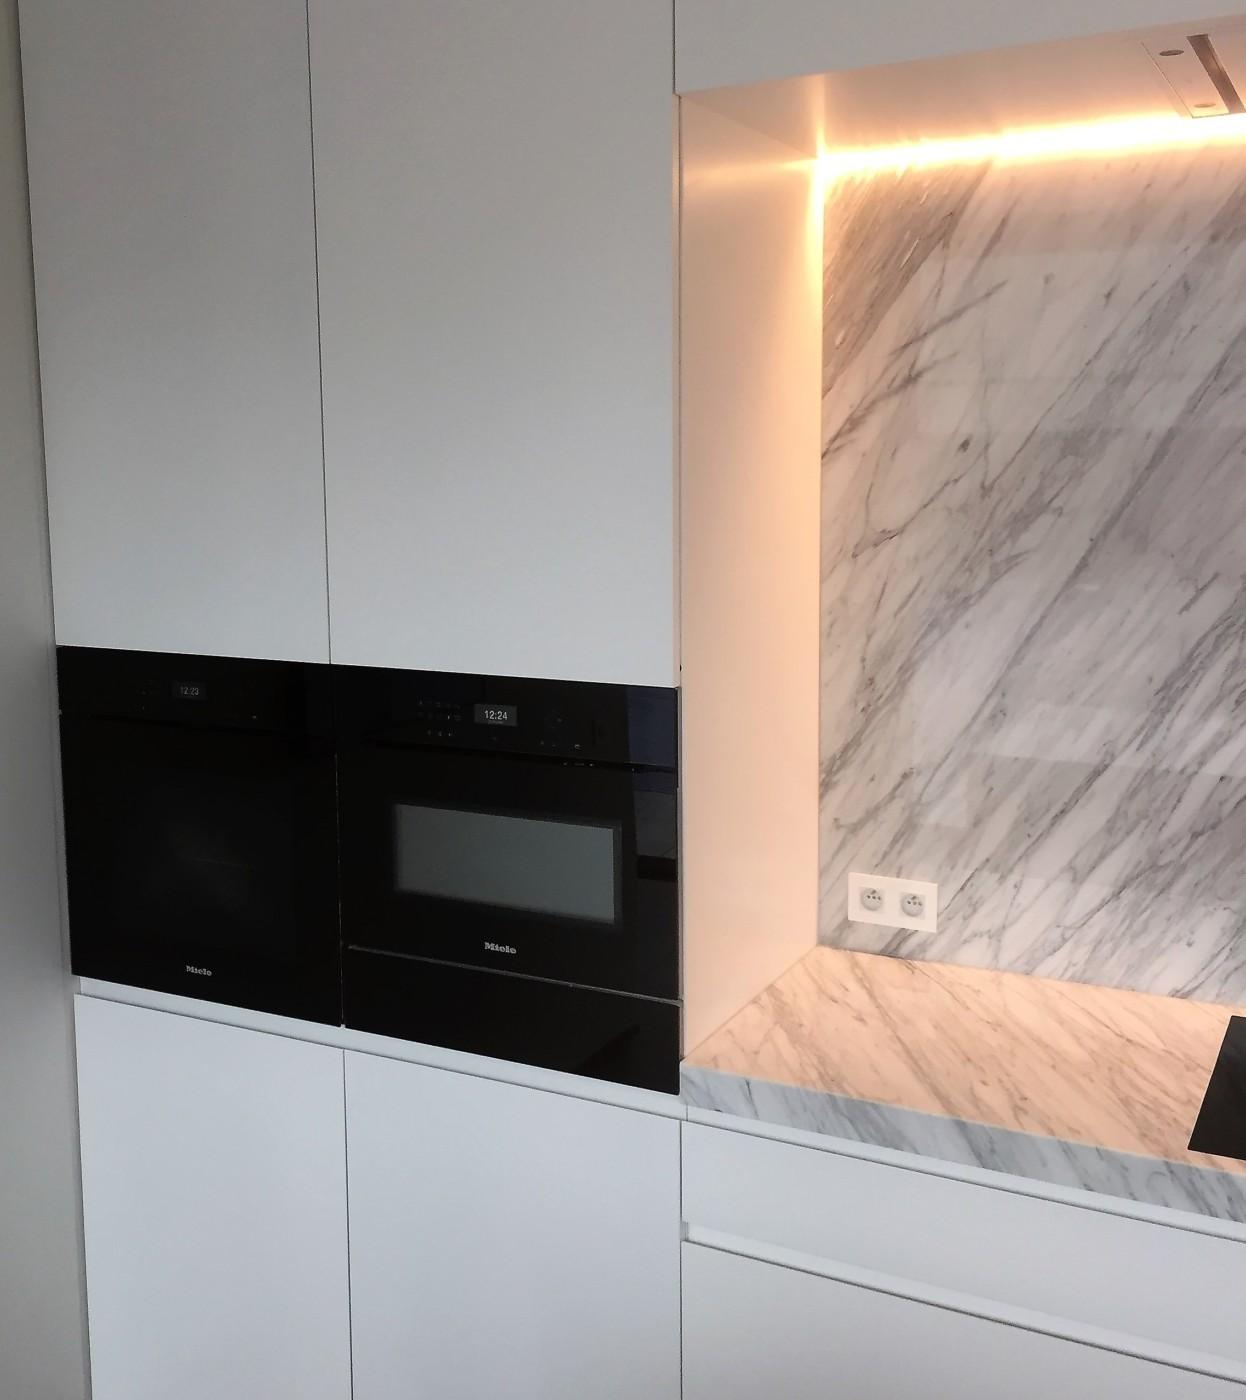 eclairage tiroir cuisine clairage plan de travail cuisine led with eclairage tiroir cuisine. Black Bedroom Furniture Sets. Home Design Ideas